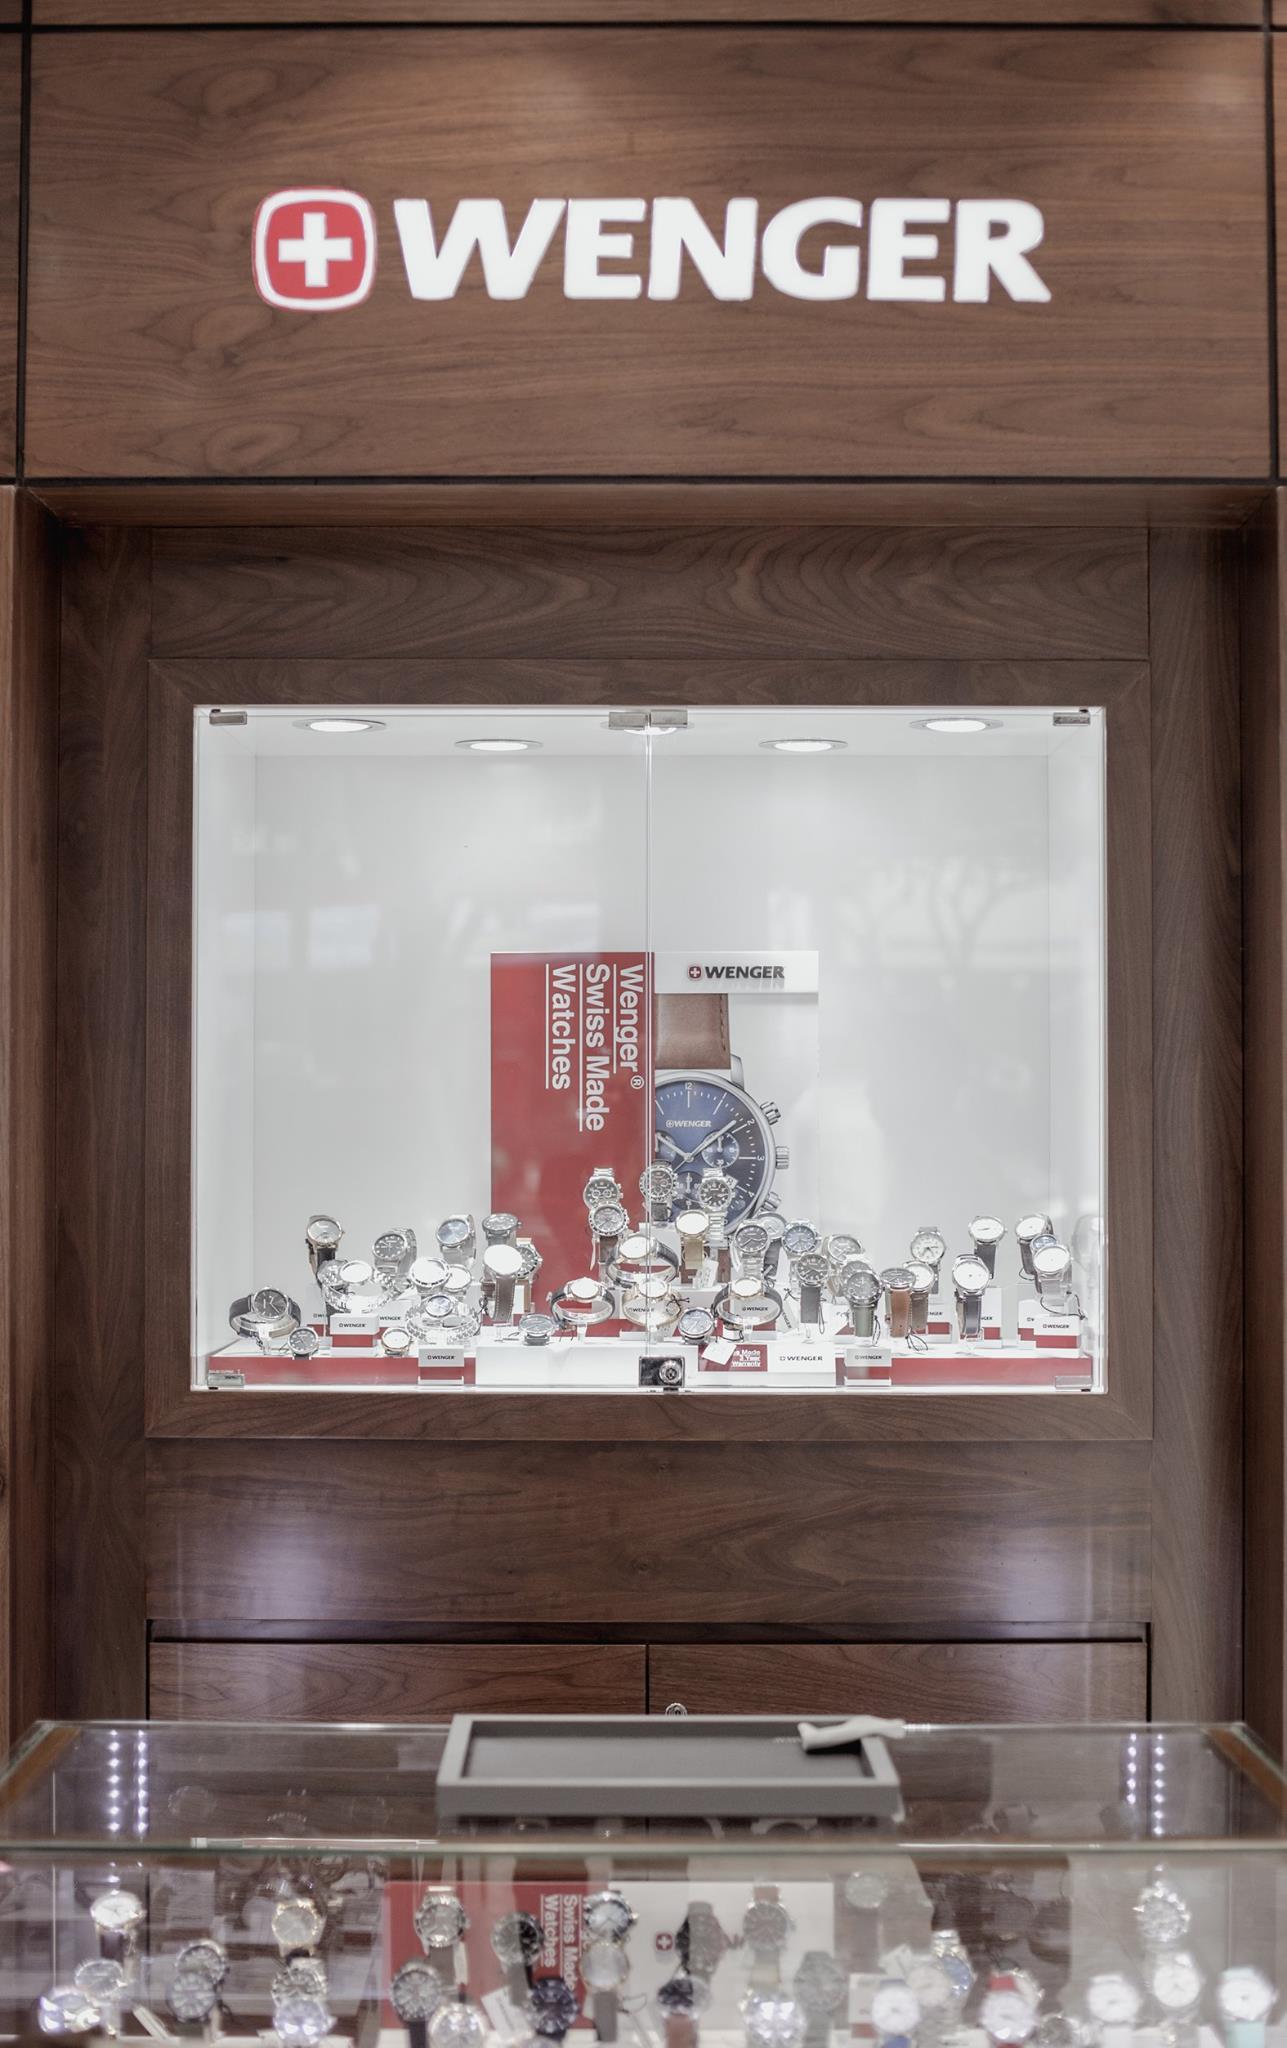 Shop đồng hồ Wenger tại 100 Thái Hà, Đống Đa Hà nội